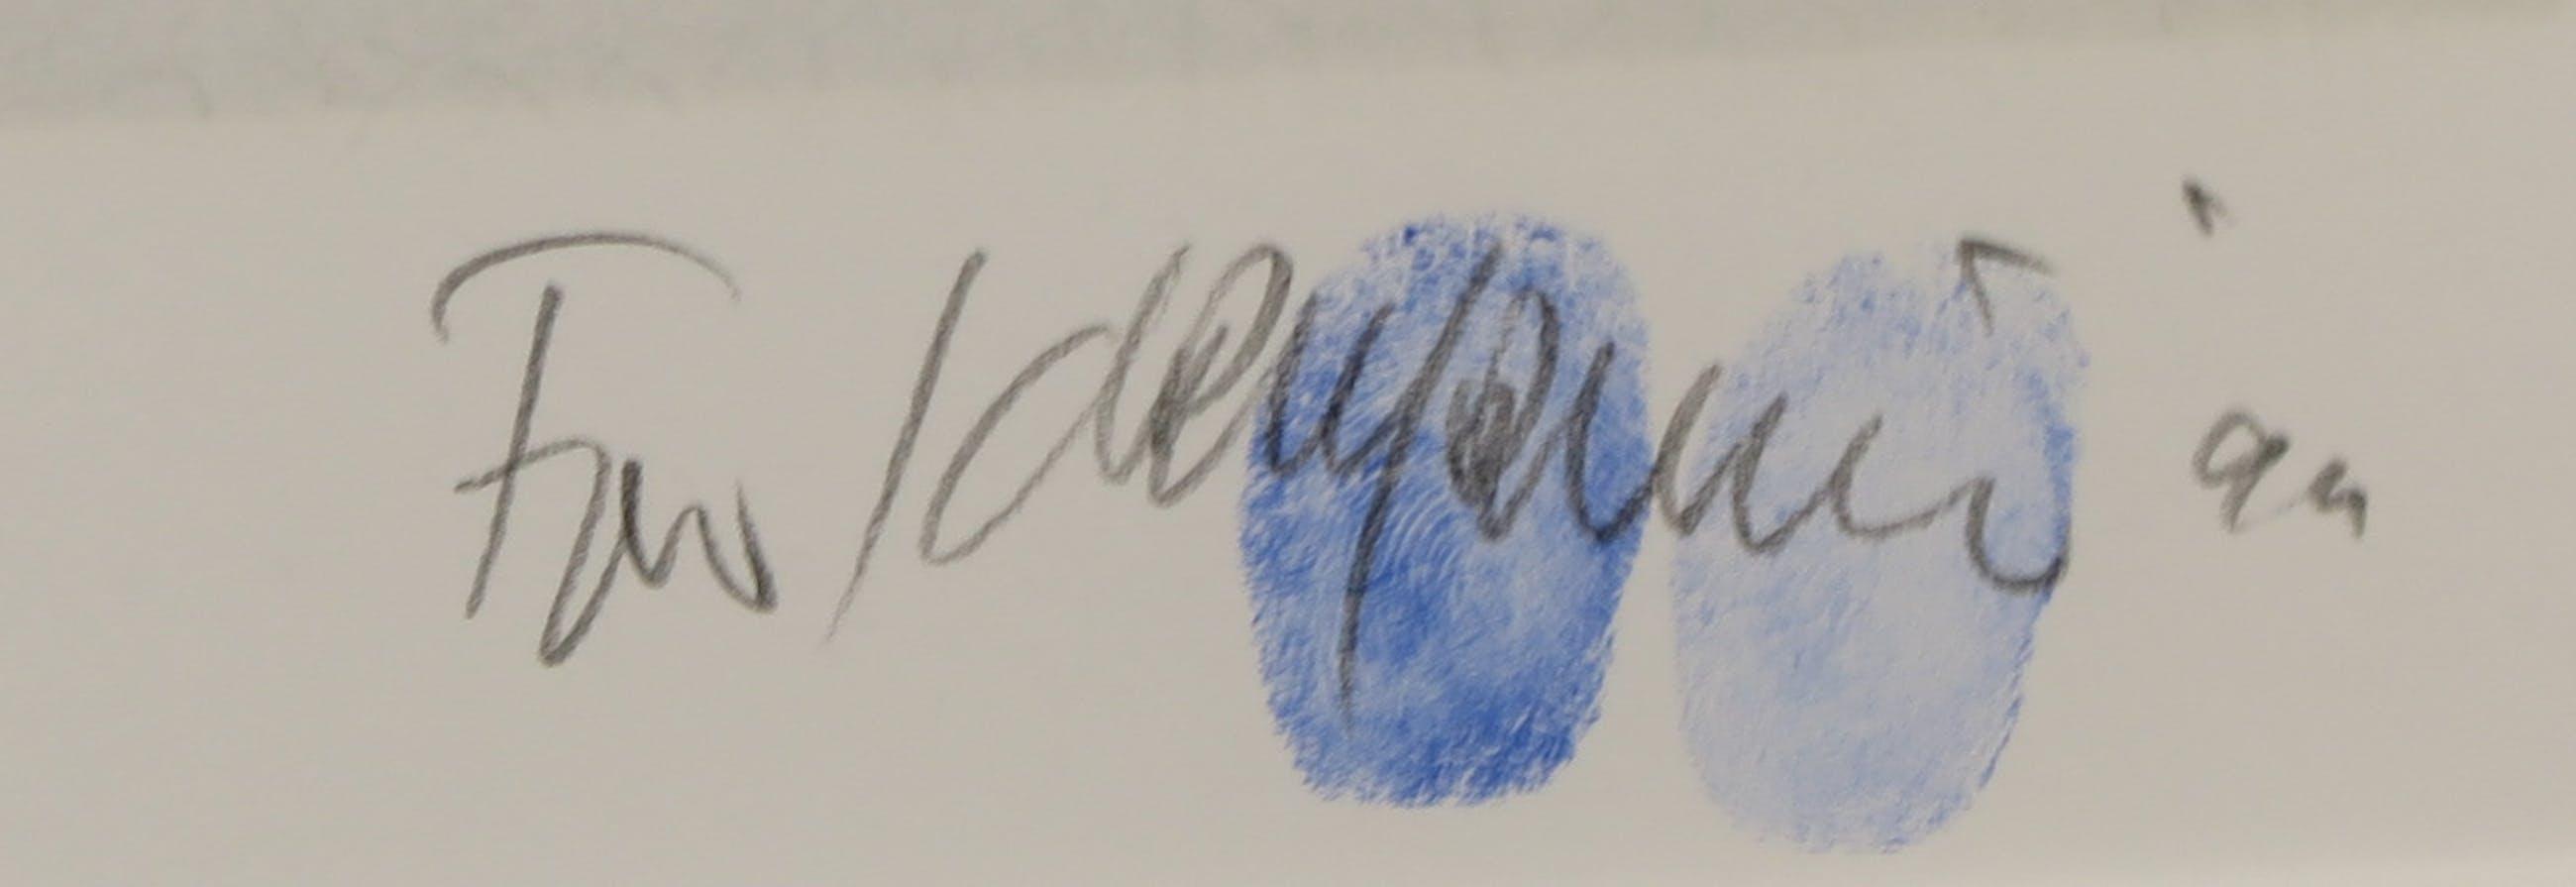 Fon Klement - Boardsnede, Vase Bleu - Ingelijst kopen? Bied vanaf 100!